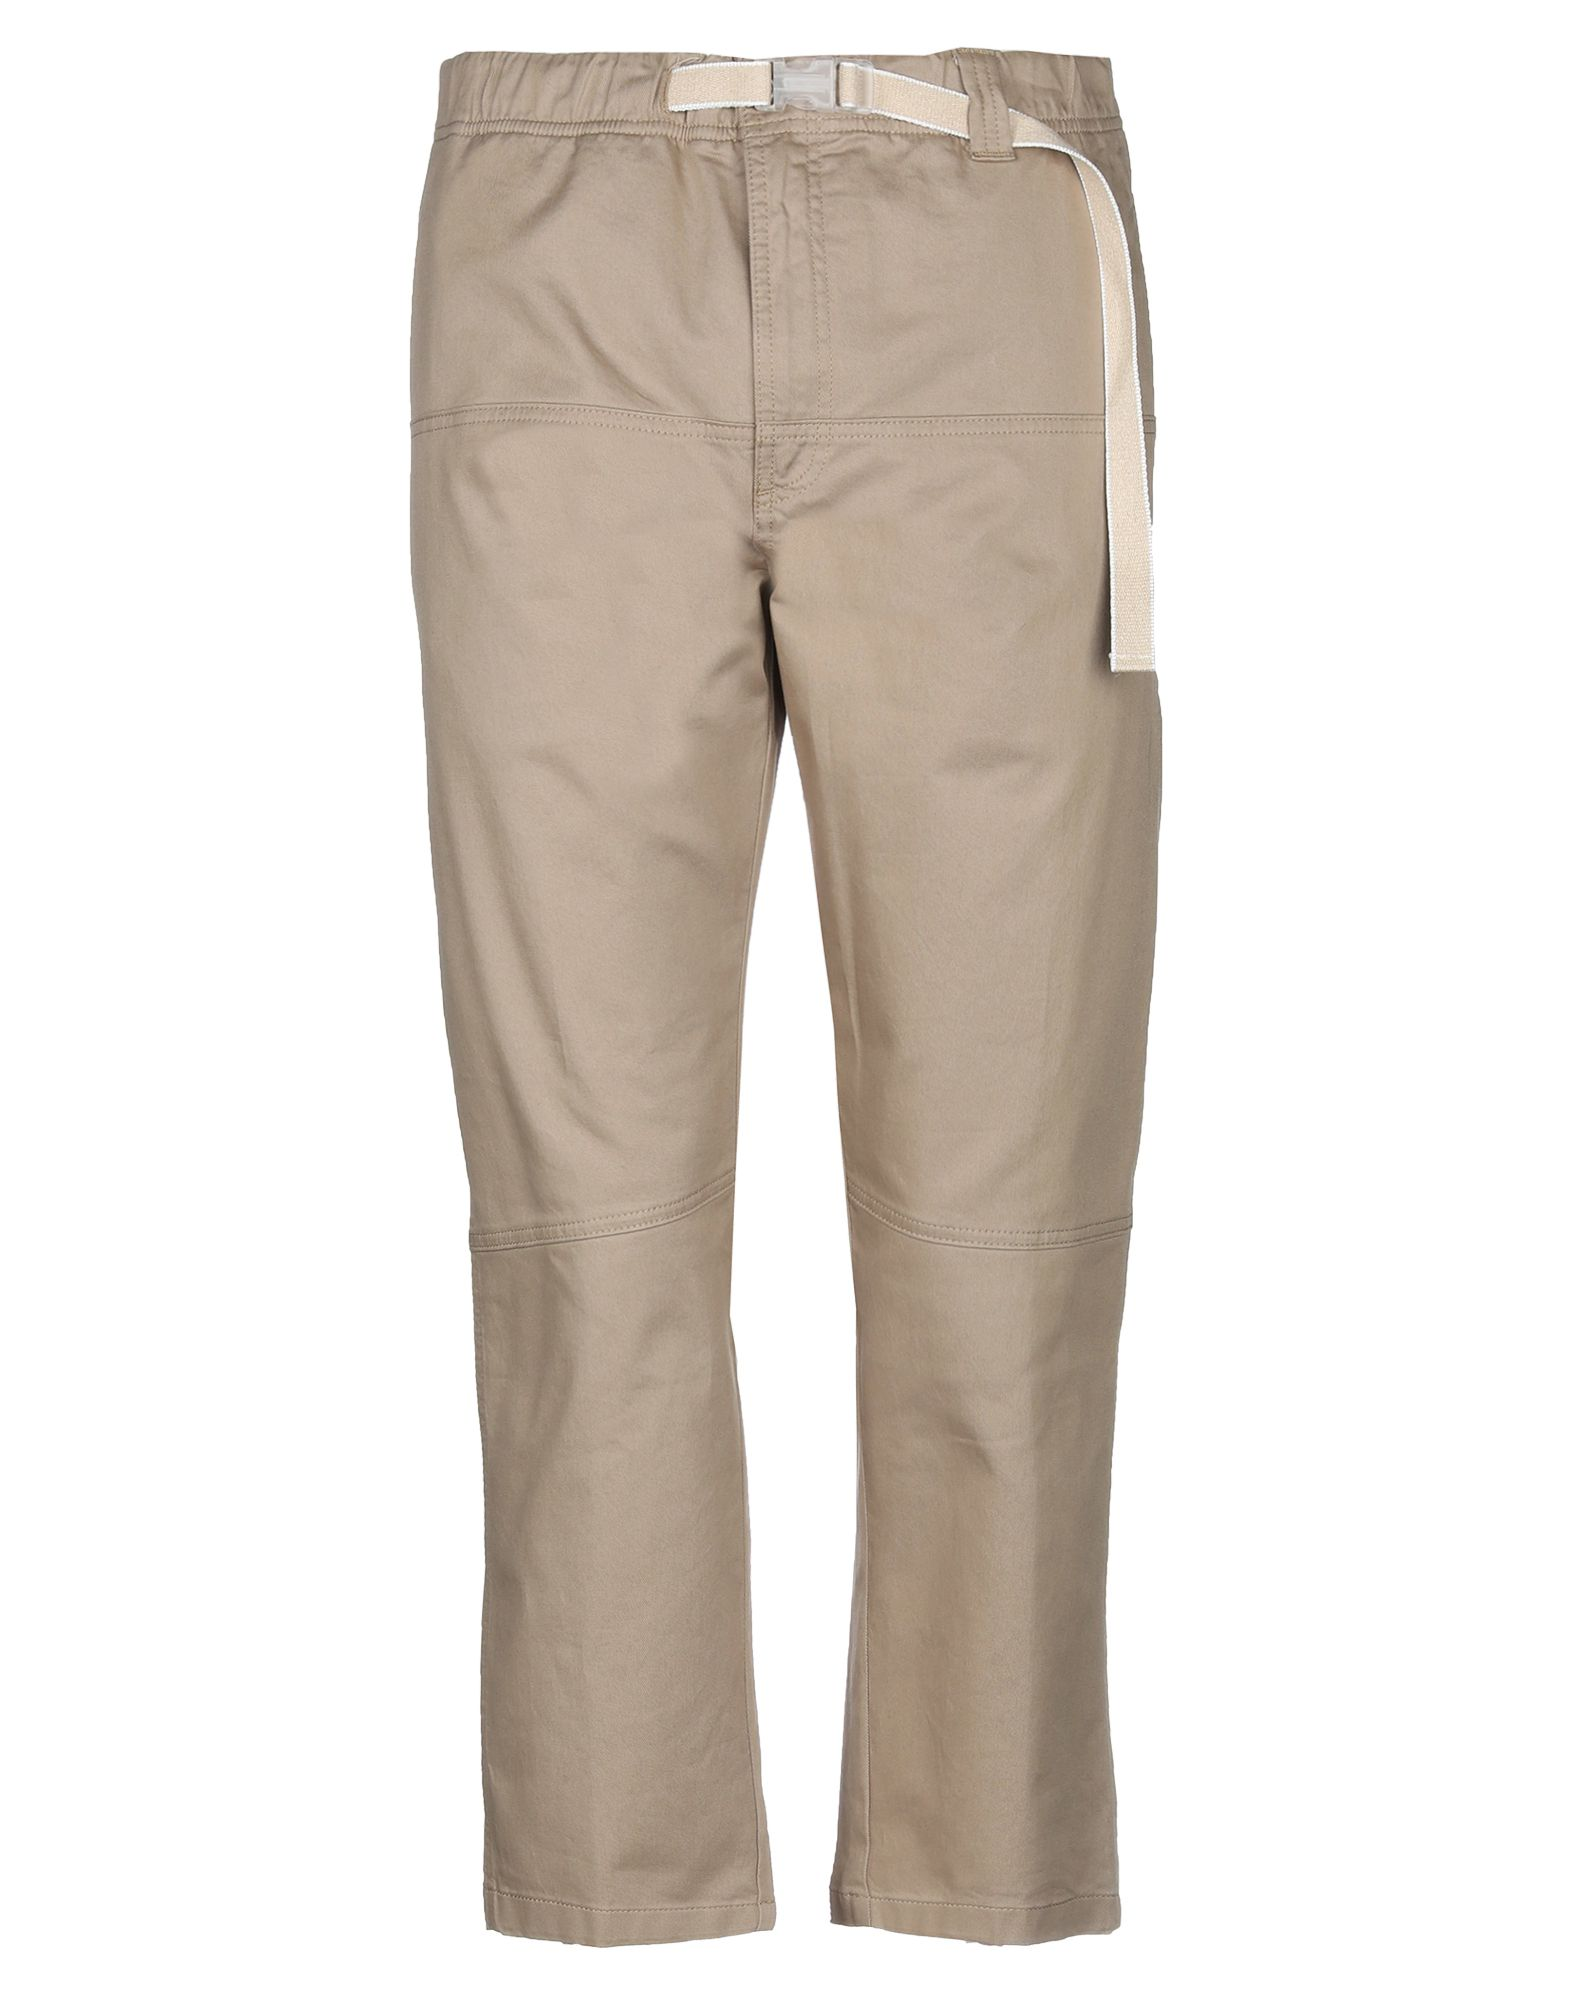 SIVIGLIA WHITE Повседневные брюки siviglia white повседневные брюки